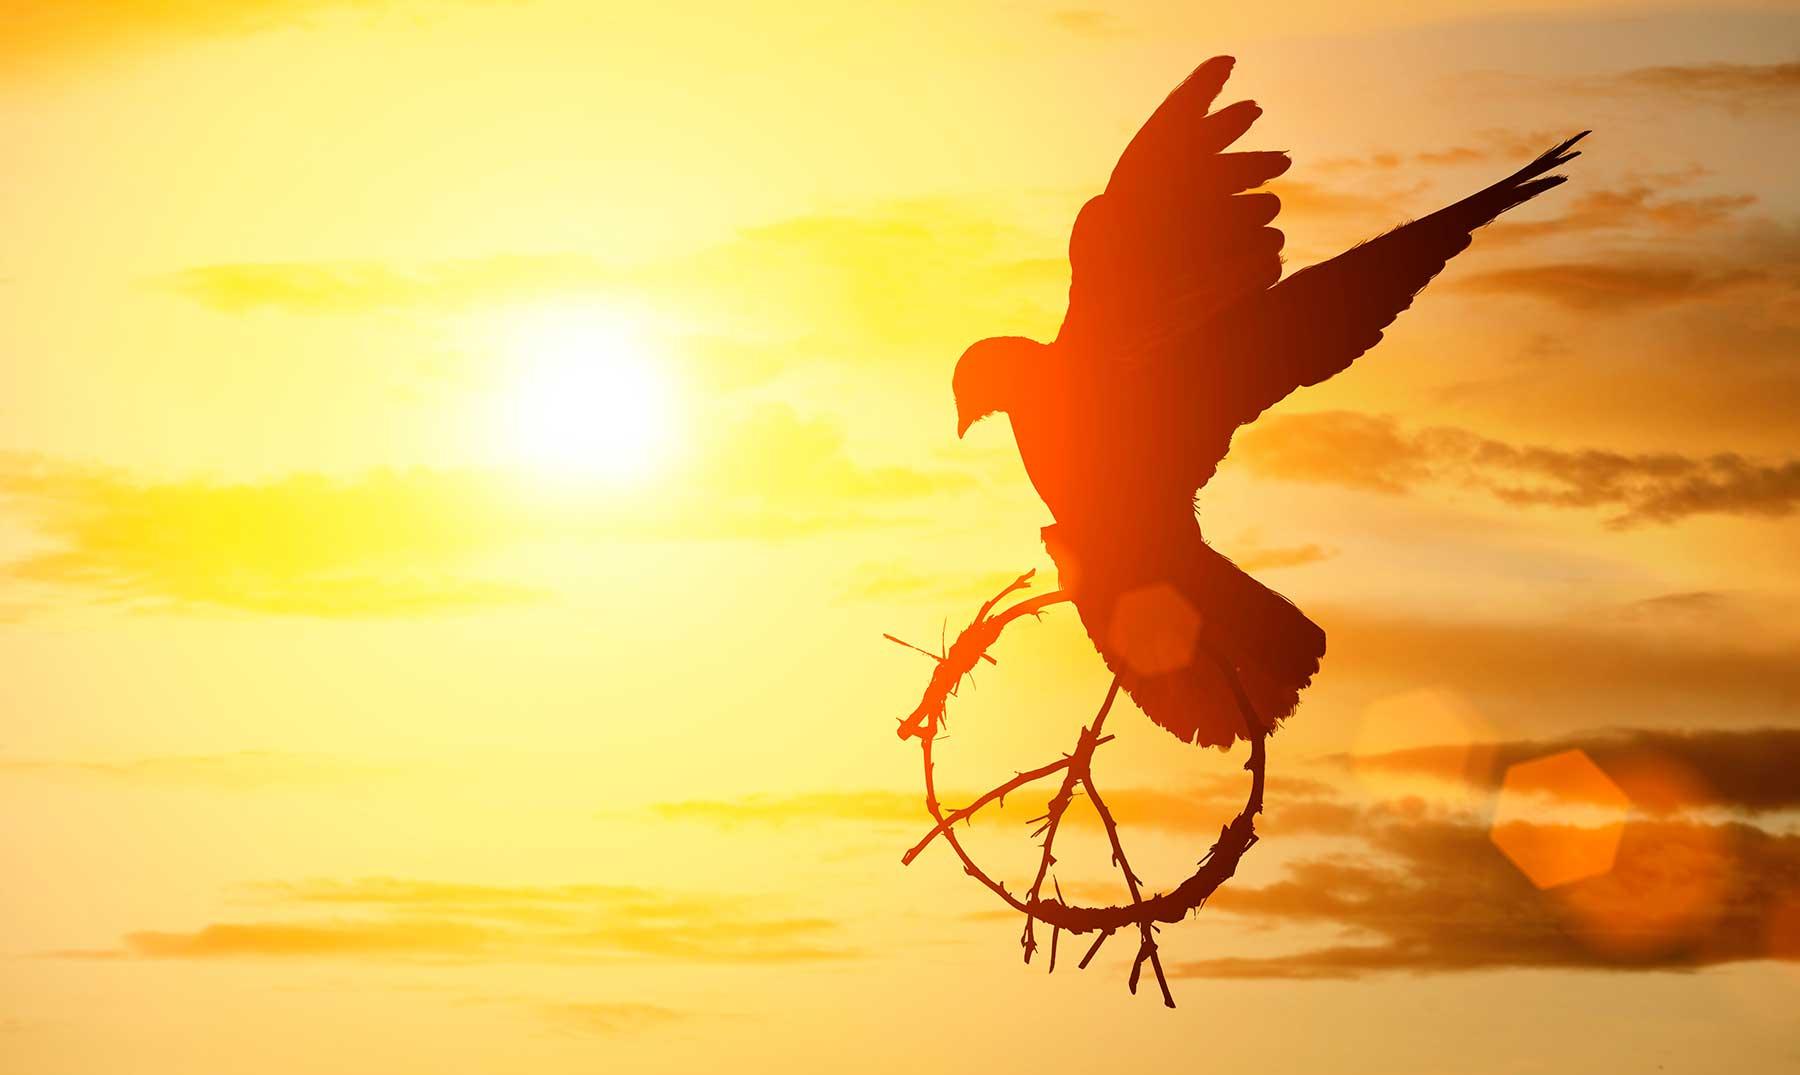 130 Frases De Paz Que Te Transmitirán Tranquilidad Con